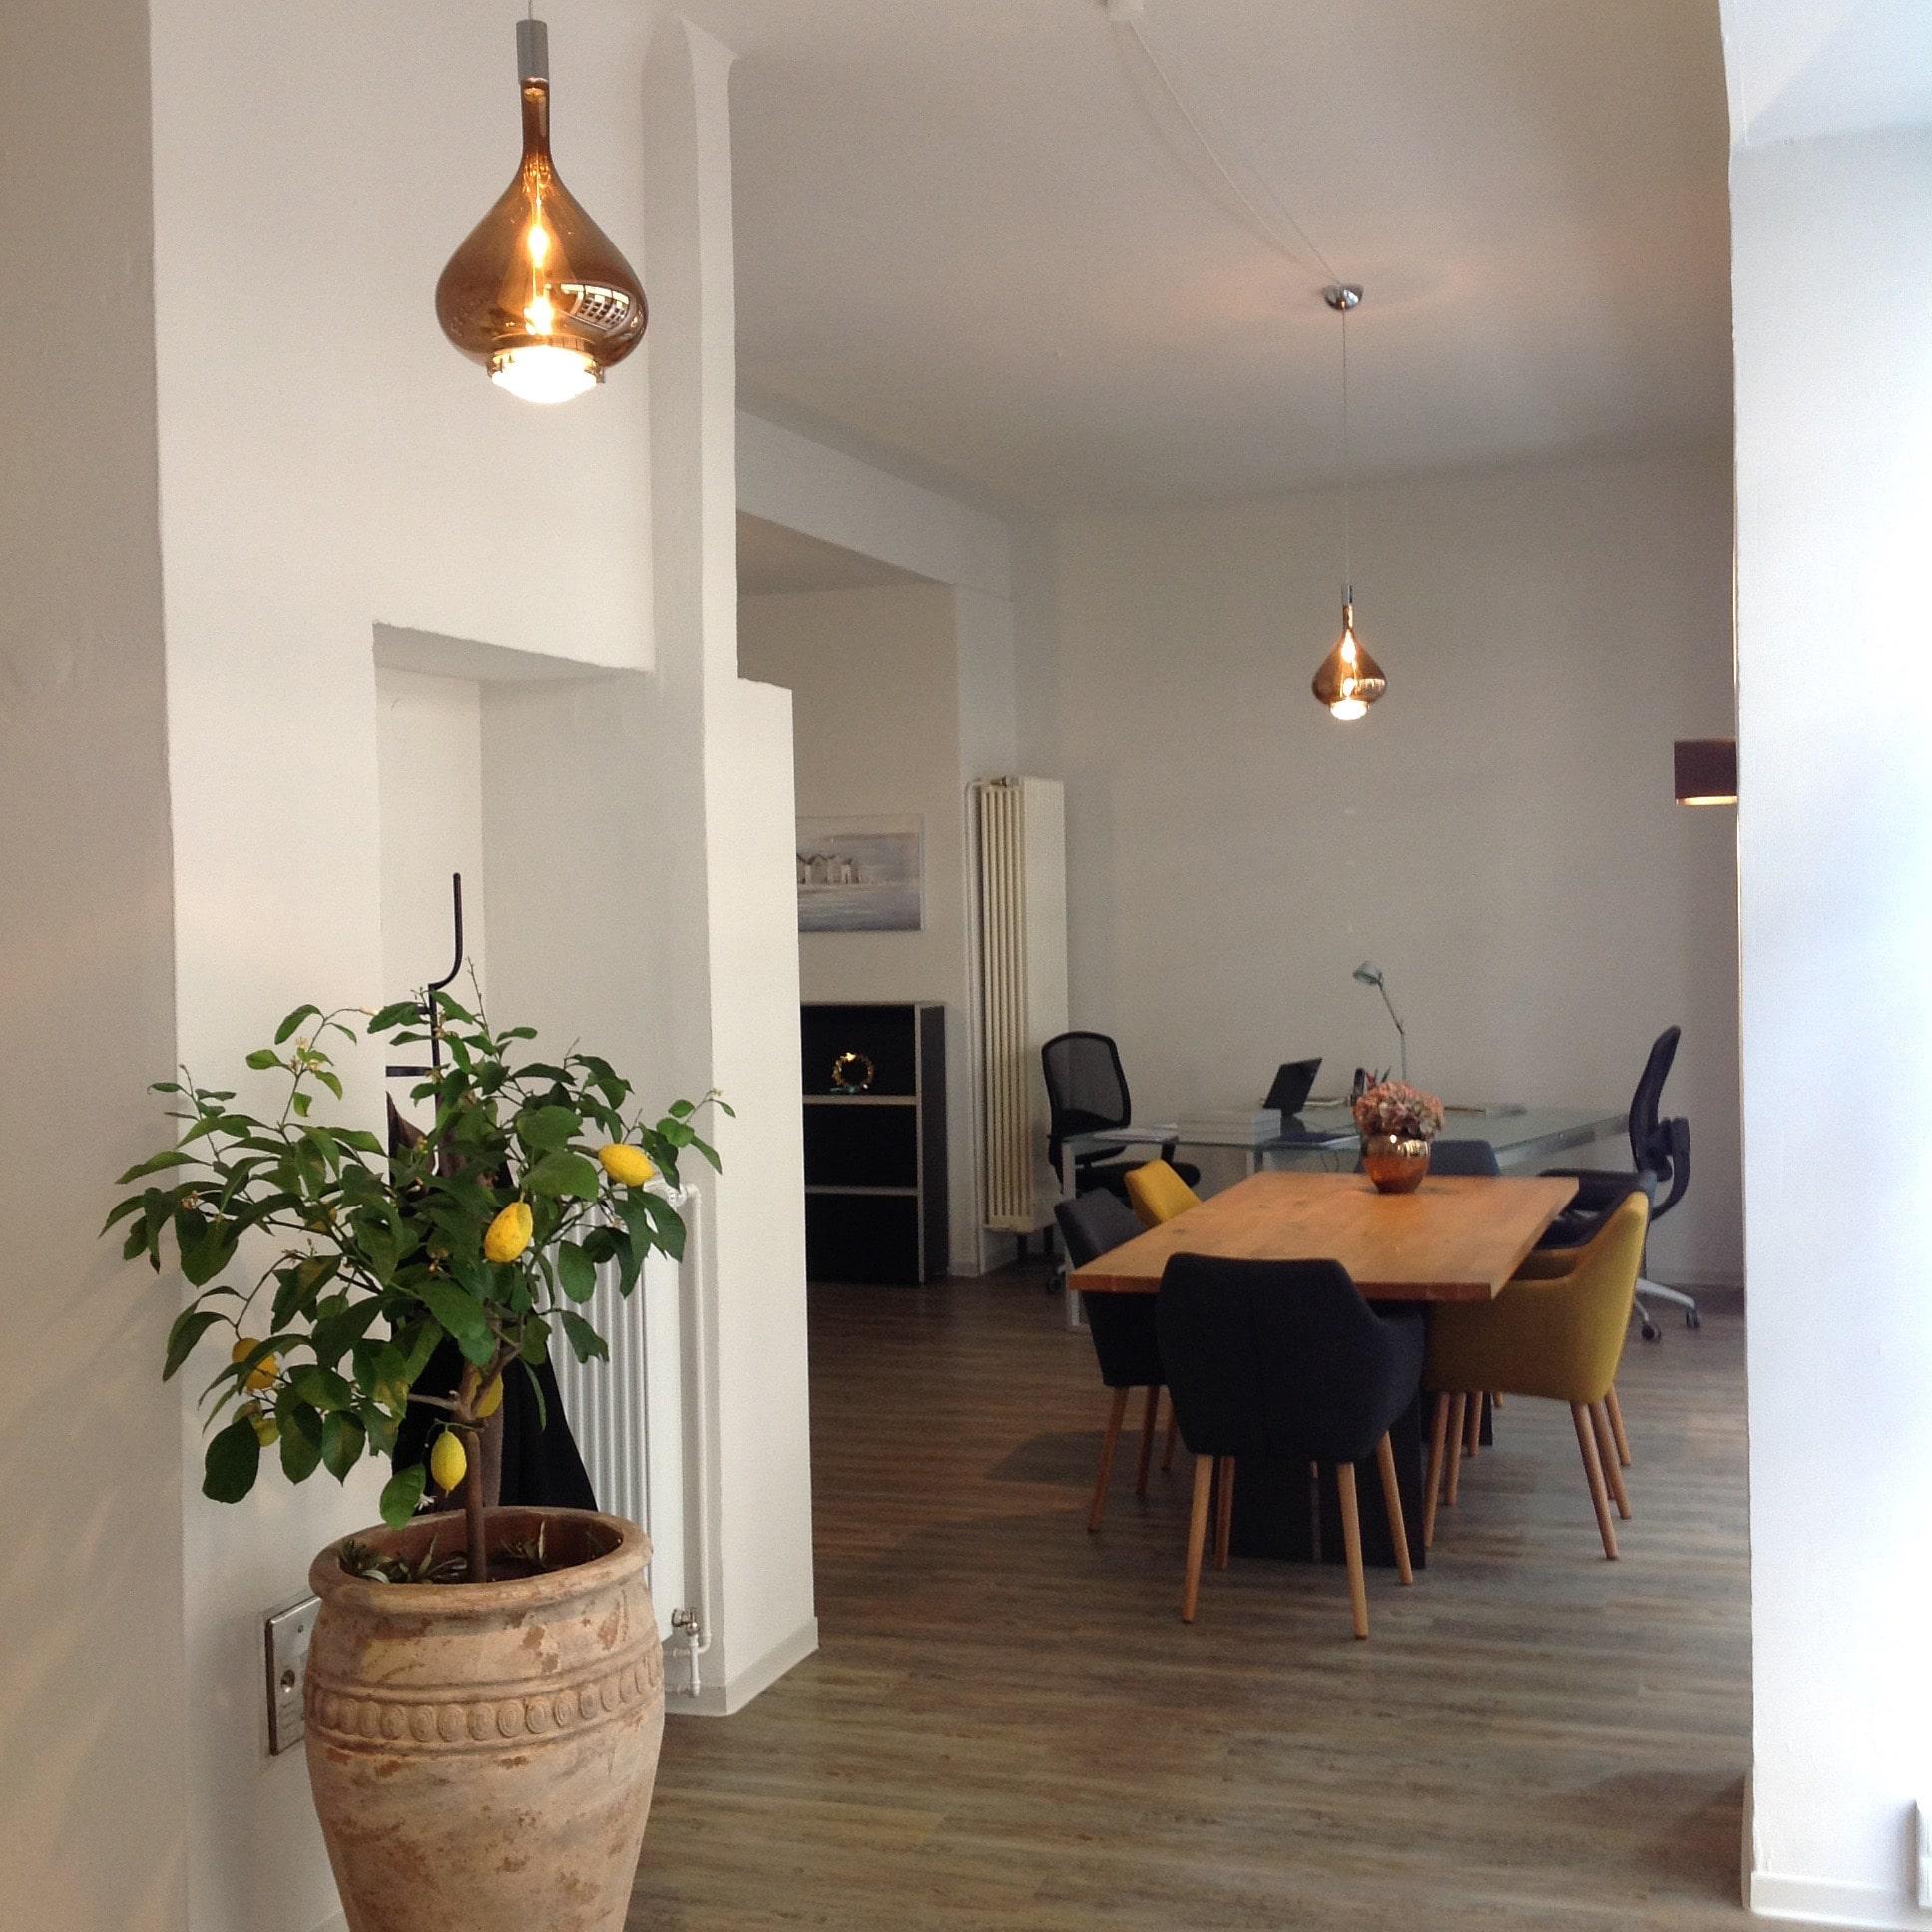 Beleuchtung - Büroeinneneinrichtung Mannheim, Heidelberg - Gaffga Interieur Design. Planung und Ausführung - Lichtplanung - Möbel auf Maß.